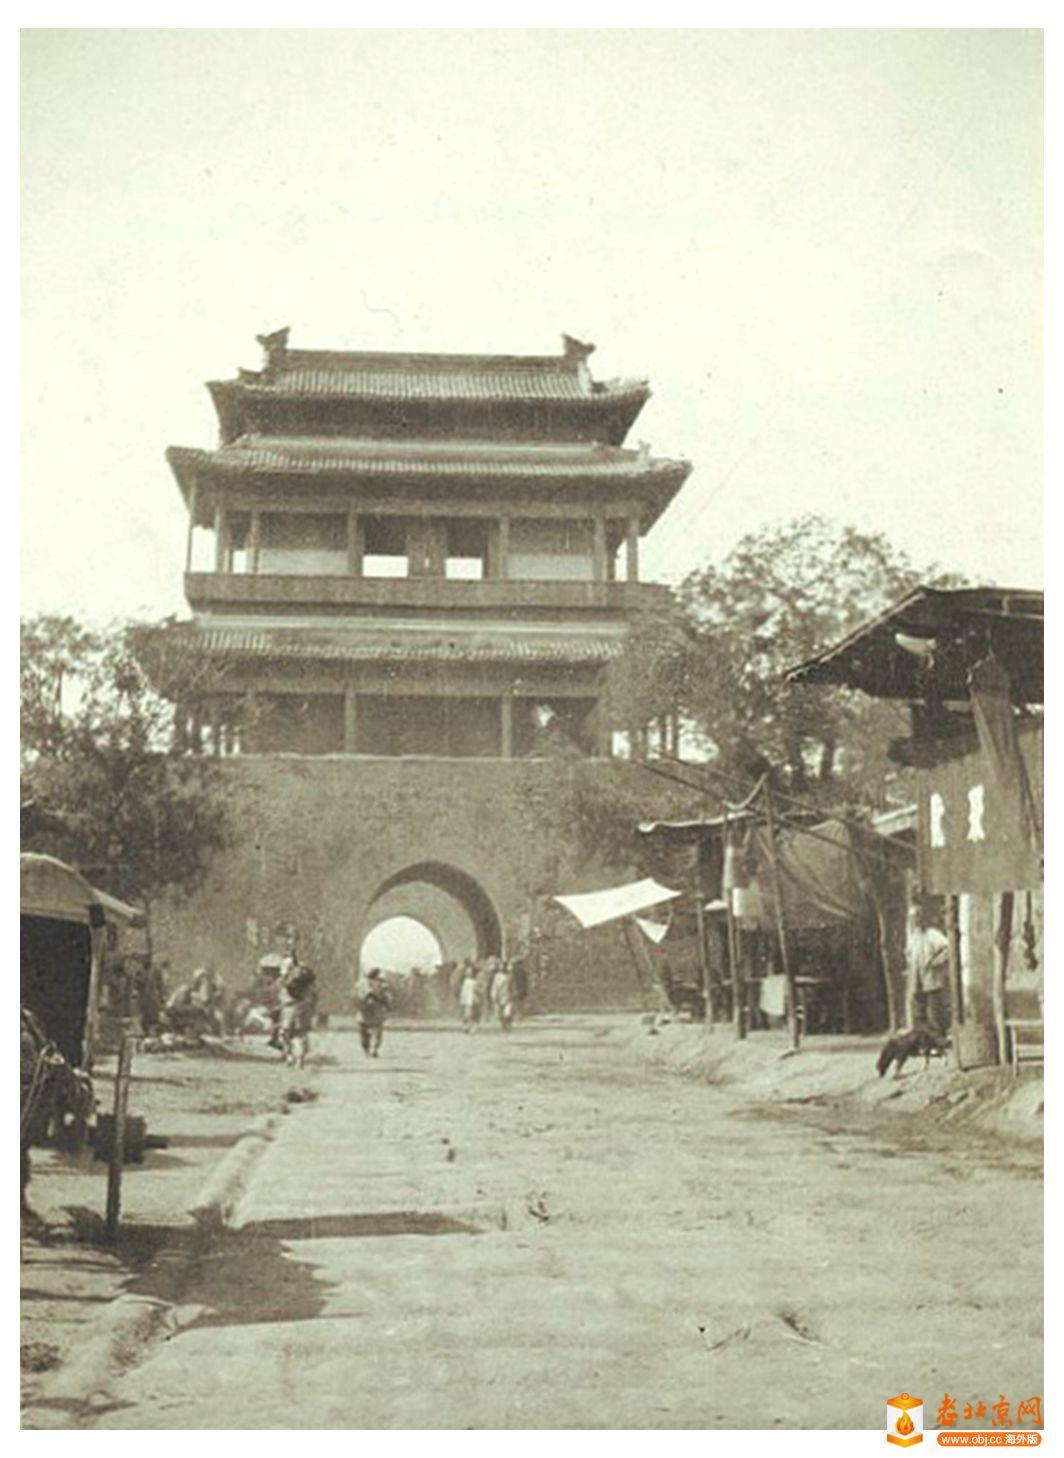 【探讨】Didrik 老北京照片系列(06):广安门城楼内侧